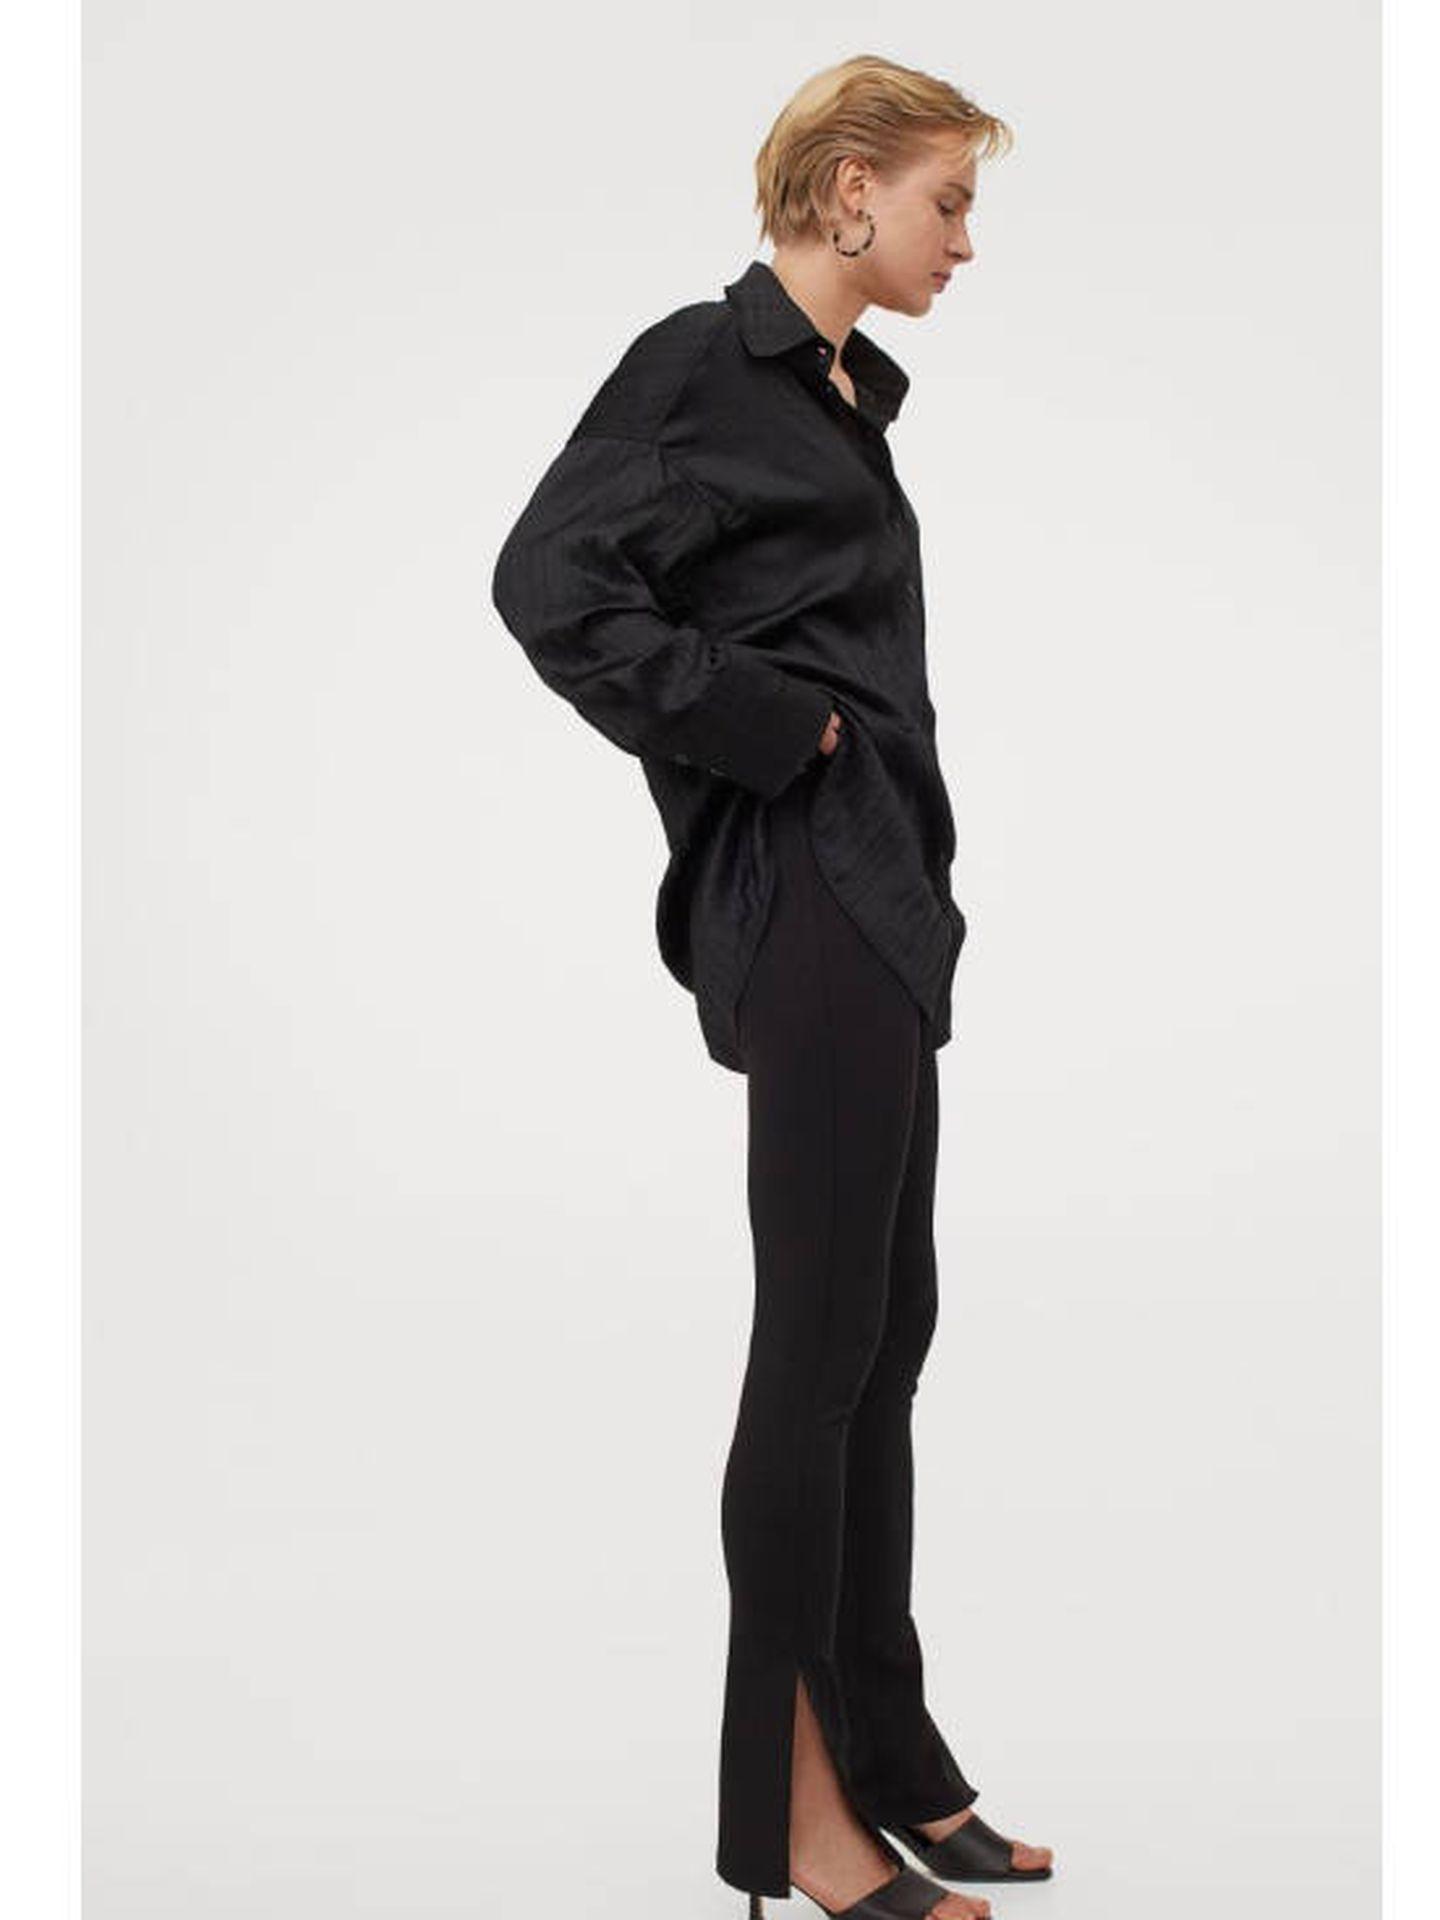 Los leggings de HyM. (Cortesía)